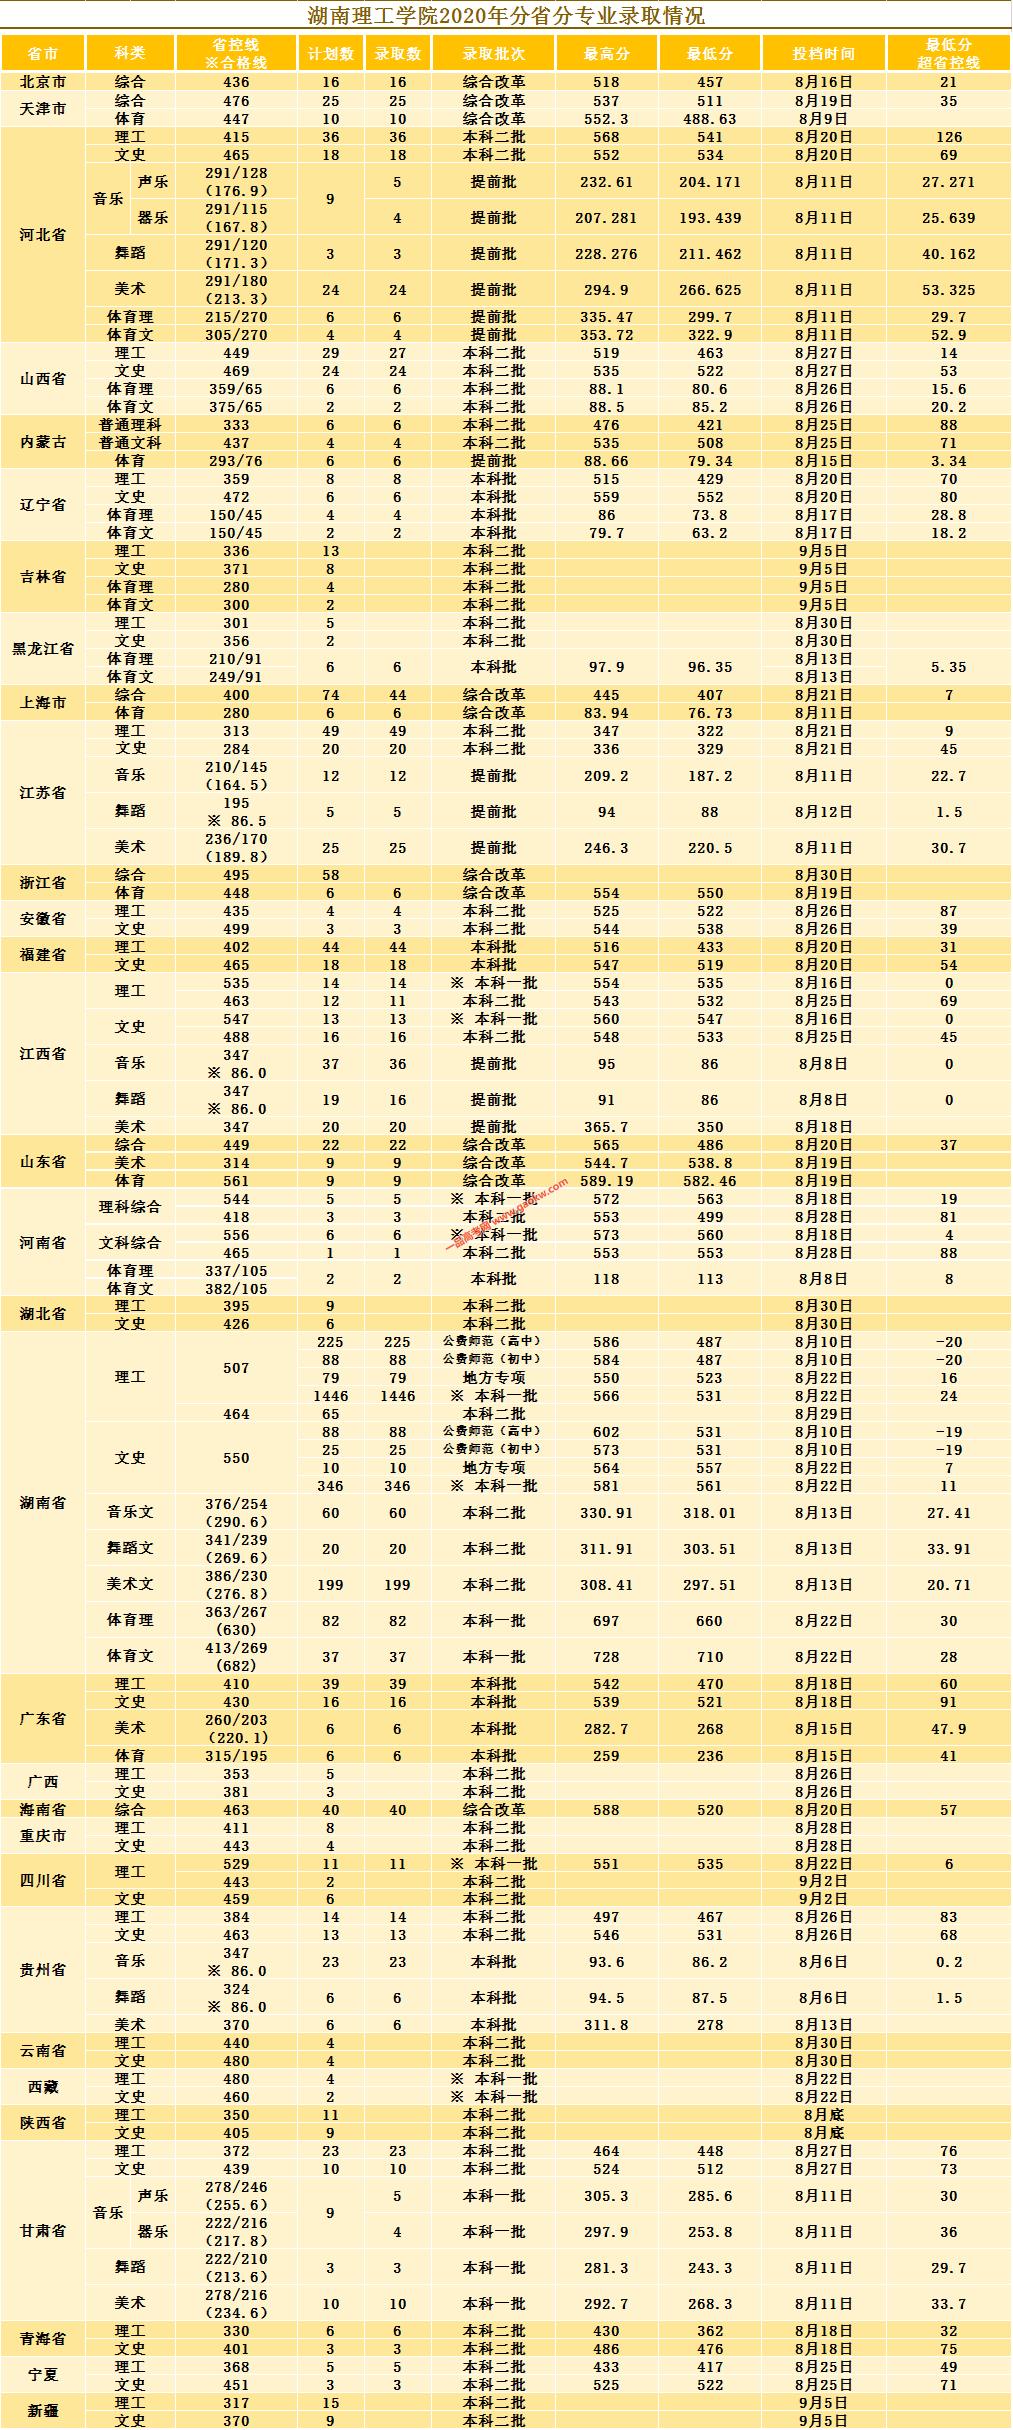 湖南理工学院2020年录取分数线(附2017-2019年分数线)